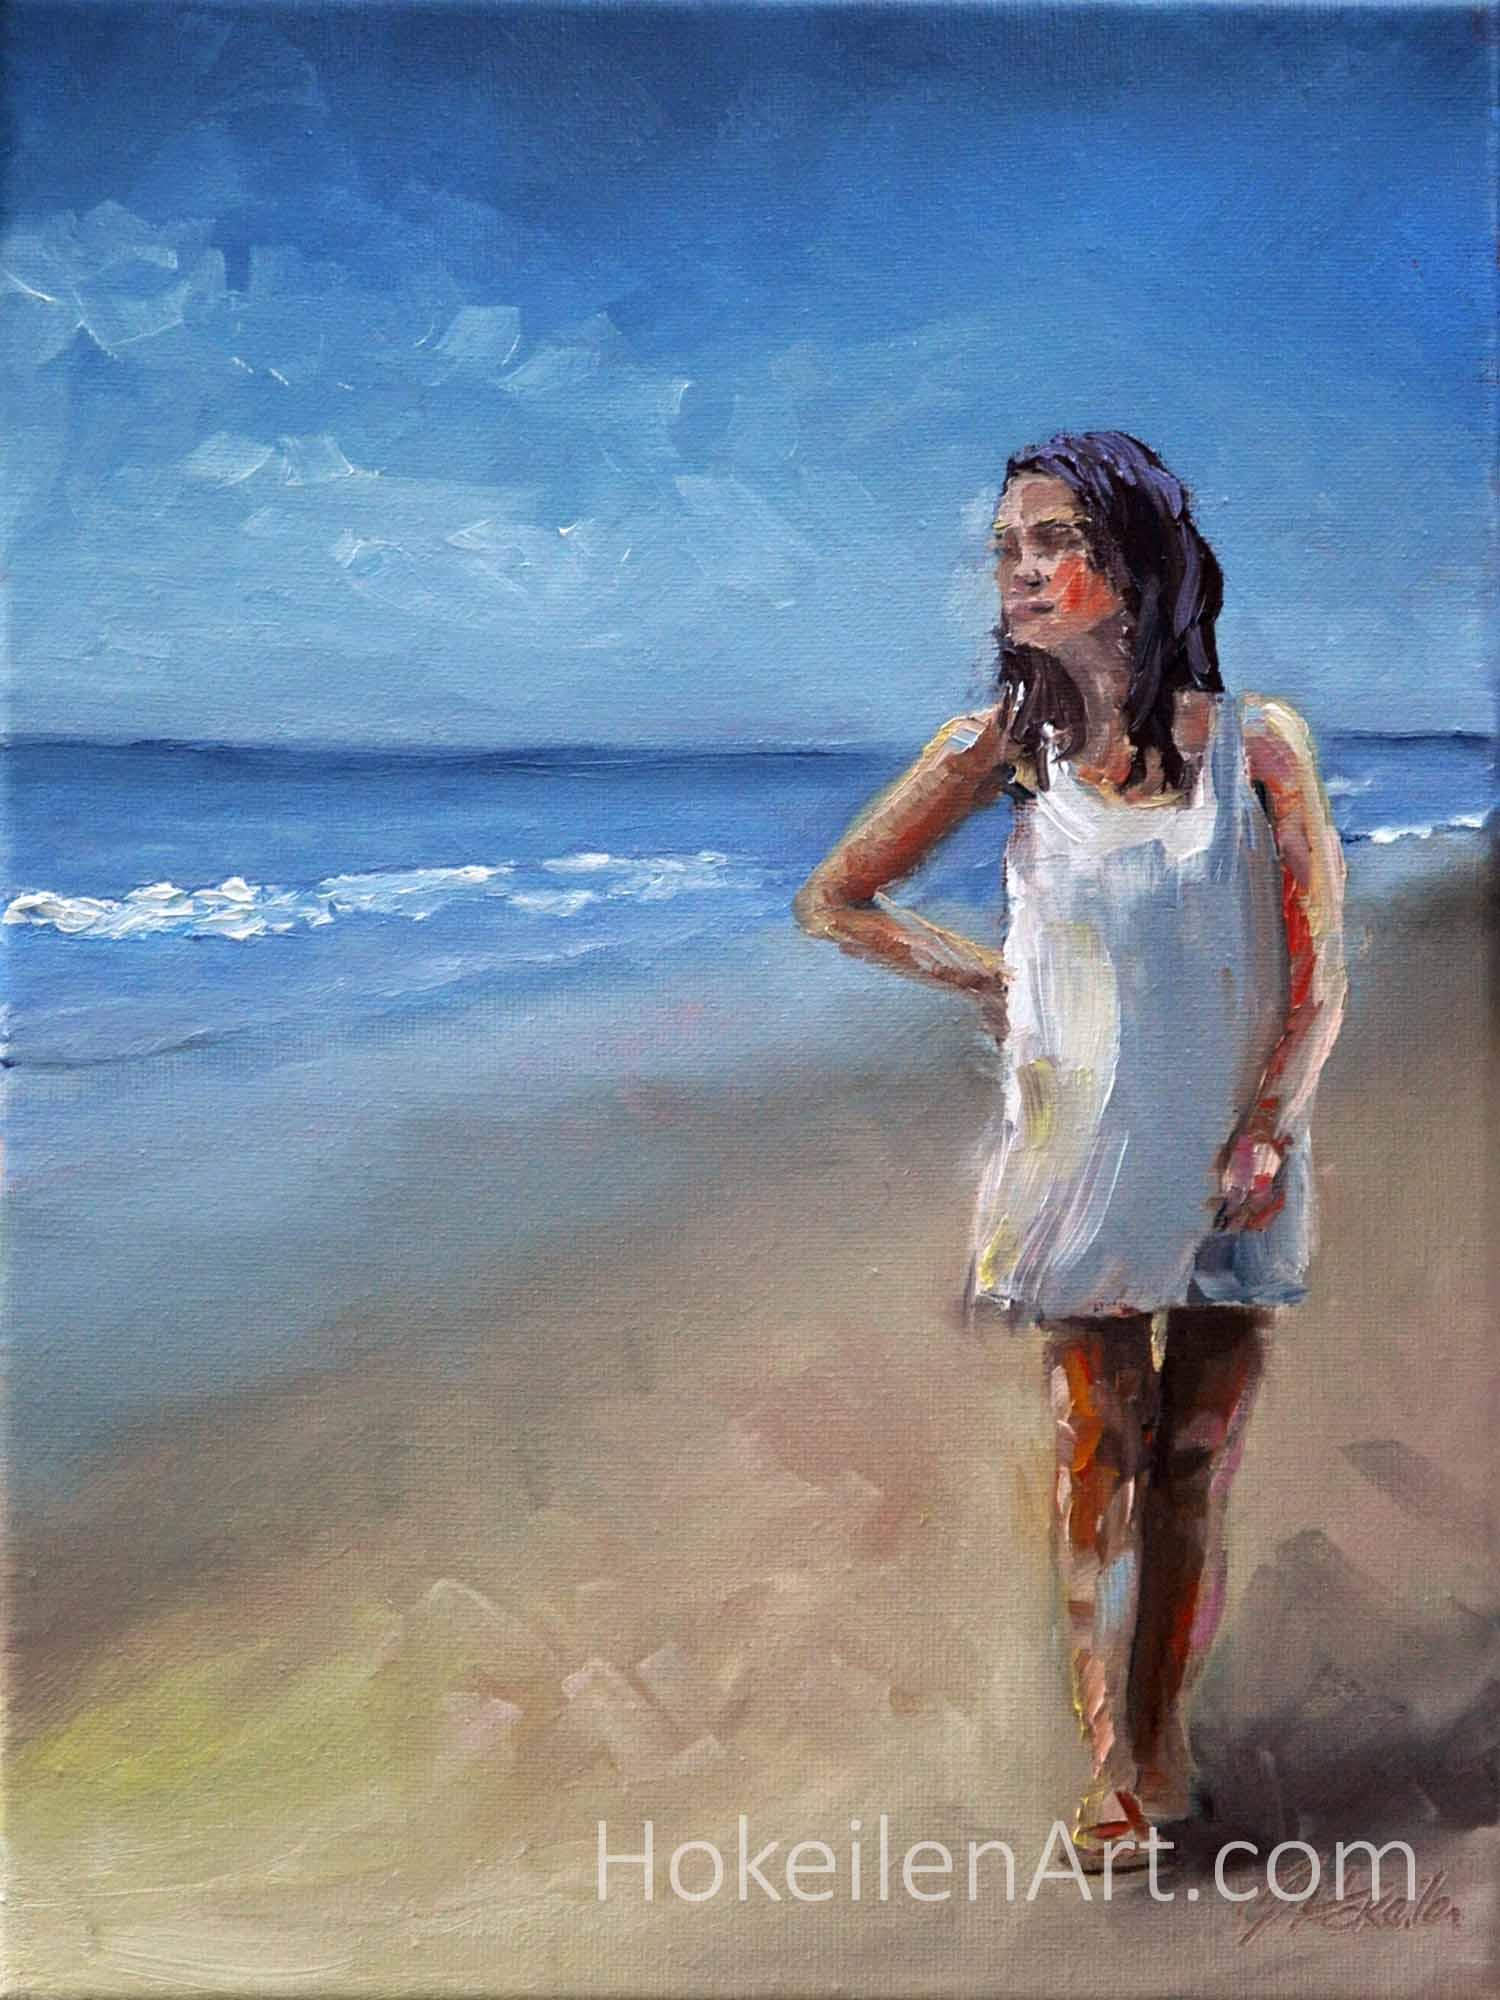 Eirene - oil on canvas 12